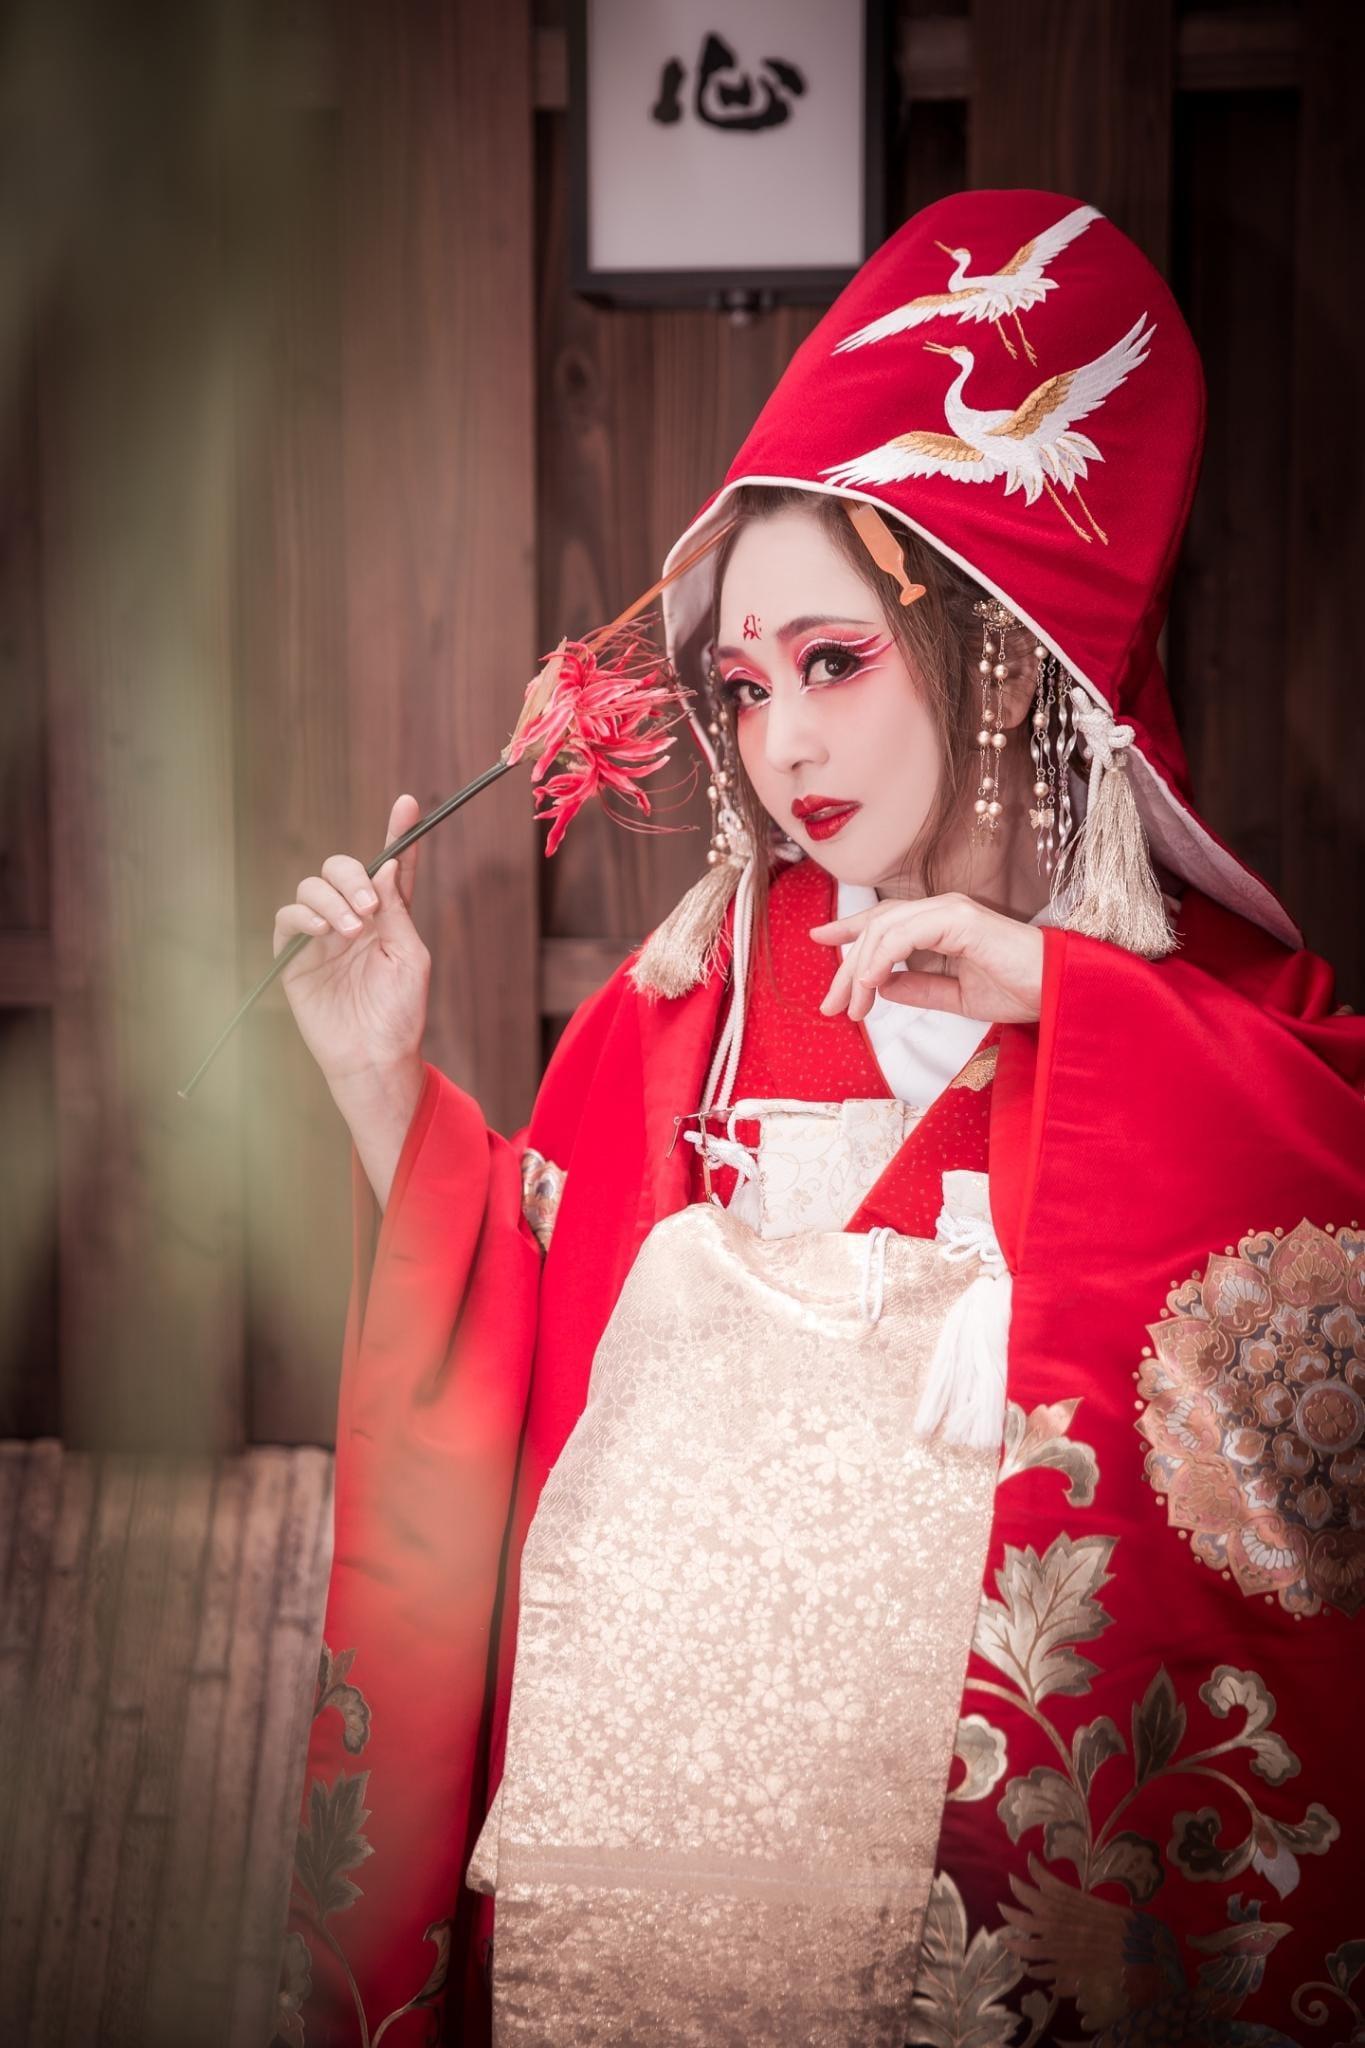 工藤(くどう)「緋狐の宴」12/11(火) 16:37 | 工藤(くどう)の写メ・風俗動画